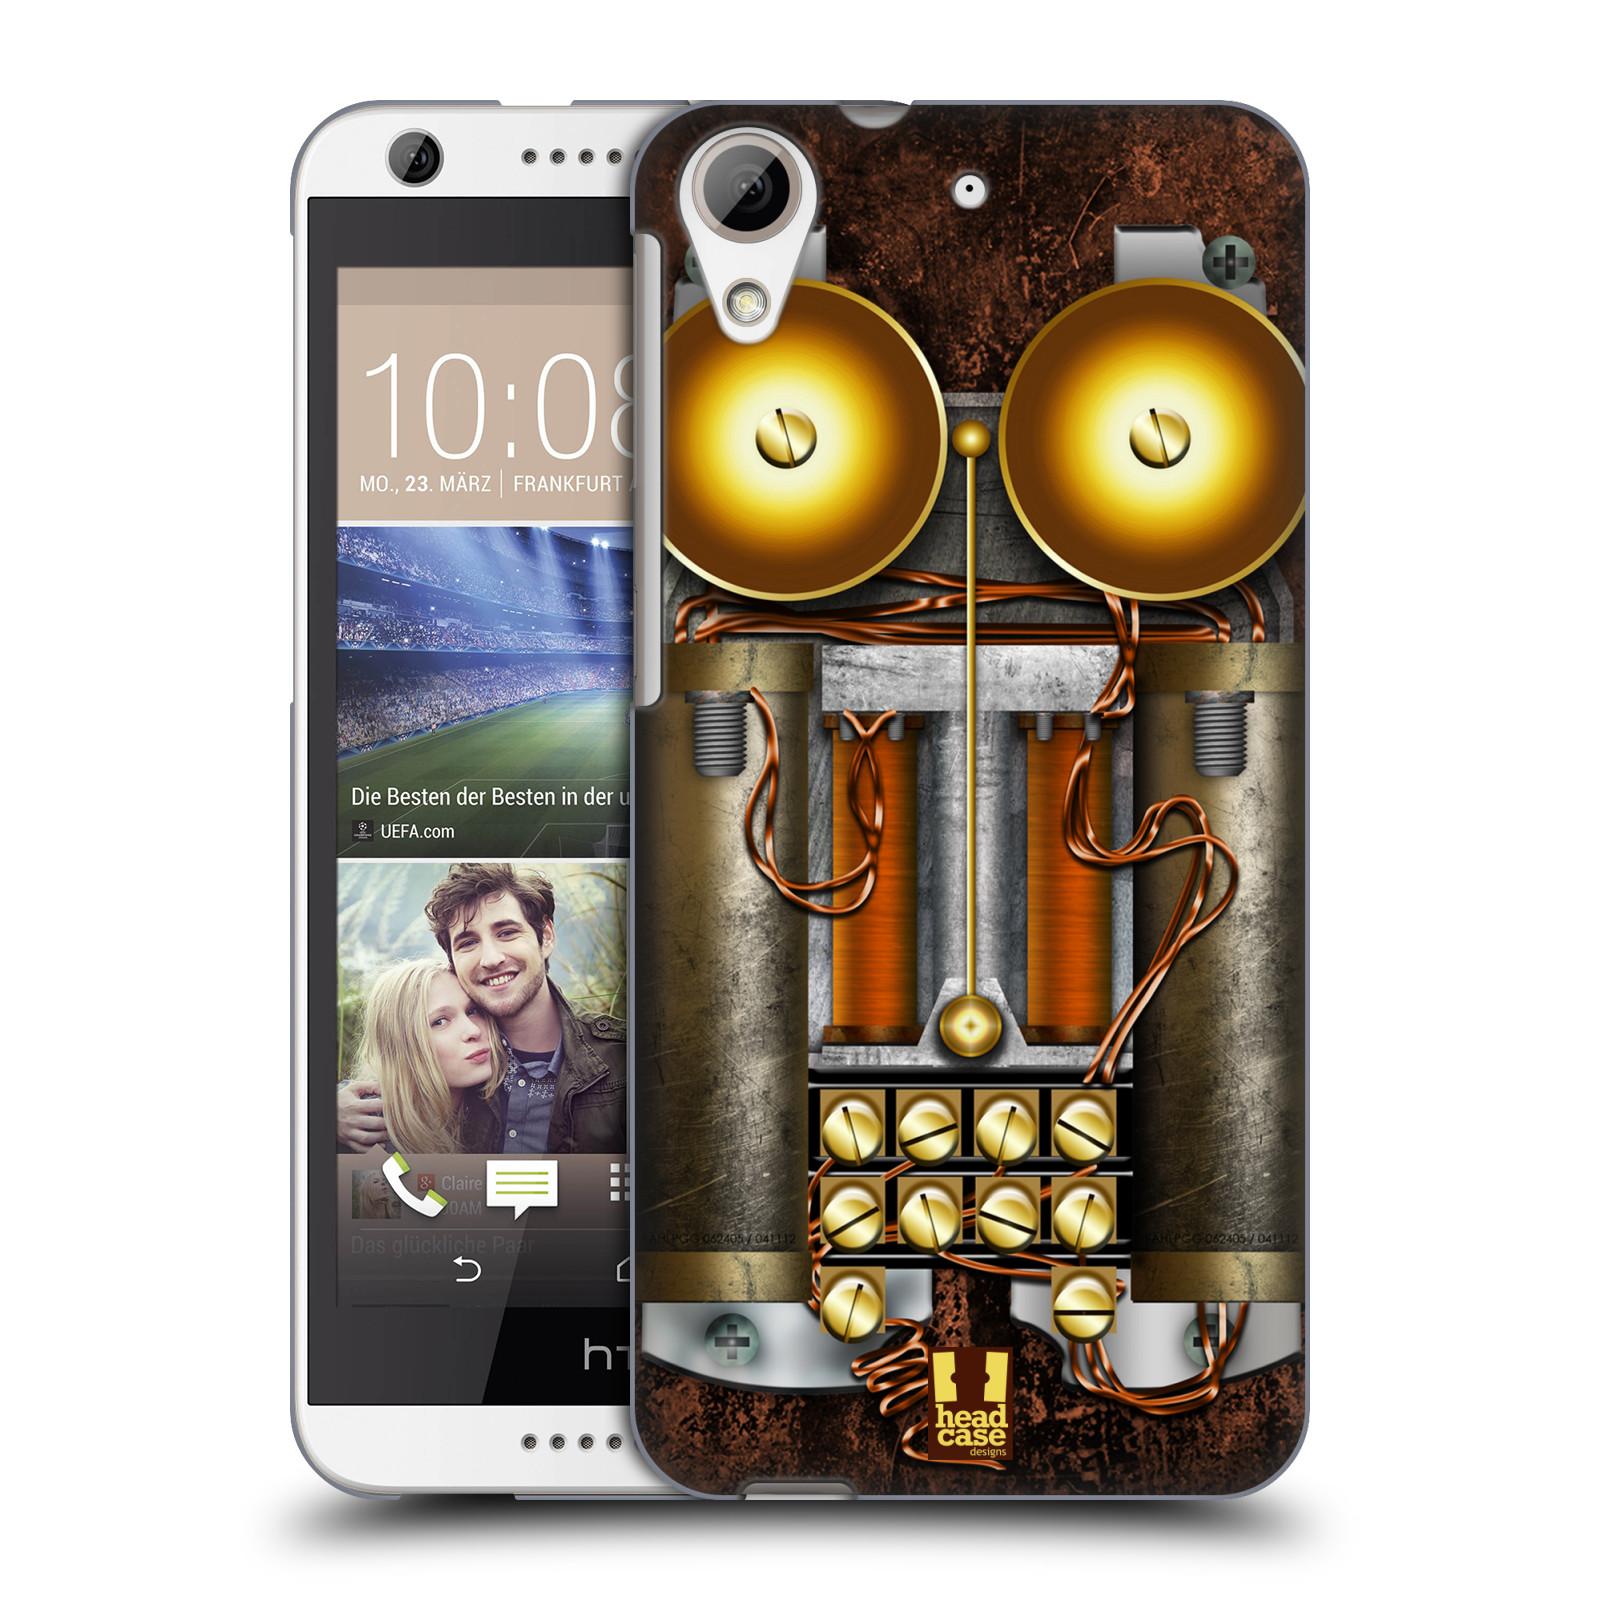 Plastové pouzdro na mobil HTC Desire 626 / 626G HEAD CASE STEAMPUNK TELEFON (Kryt či obal na mobilní telefon HTC Desire 626G Dual SIM a HTC Desire 626)